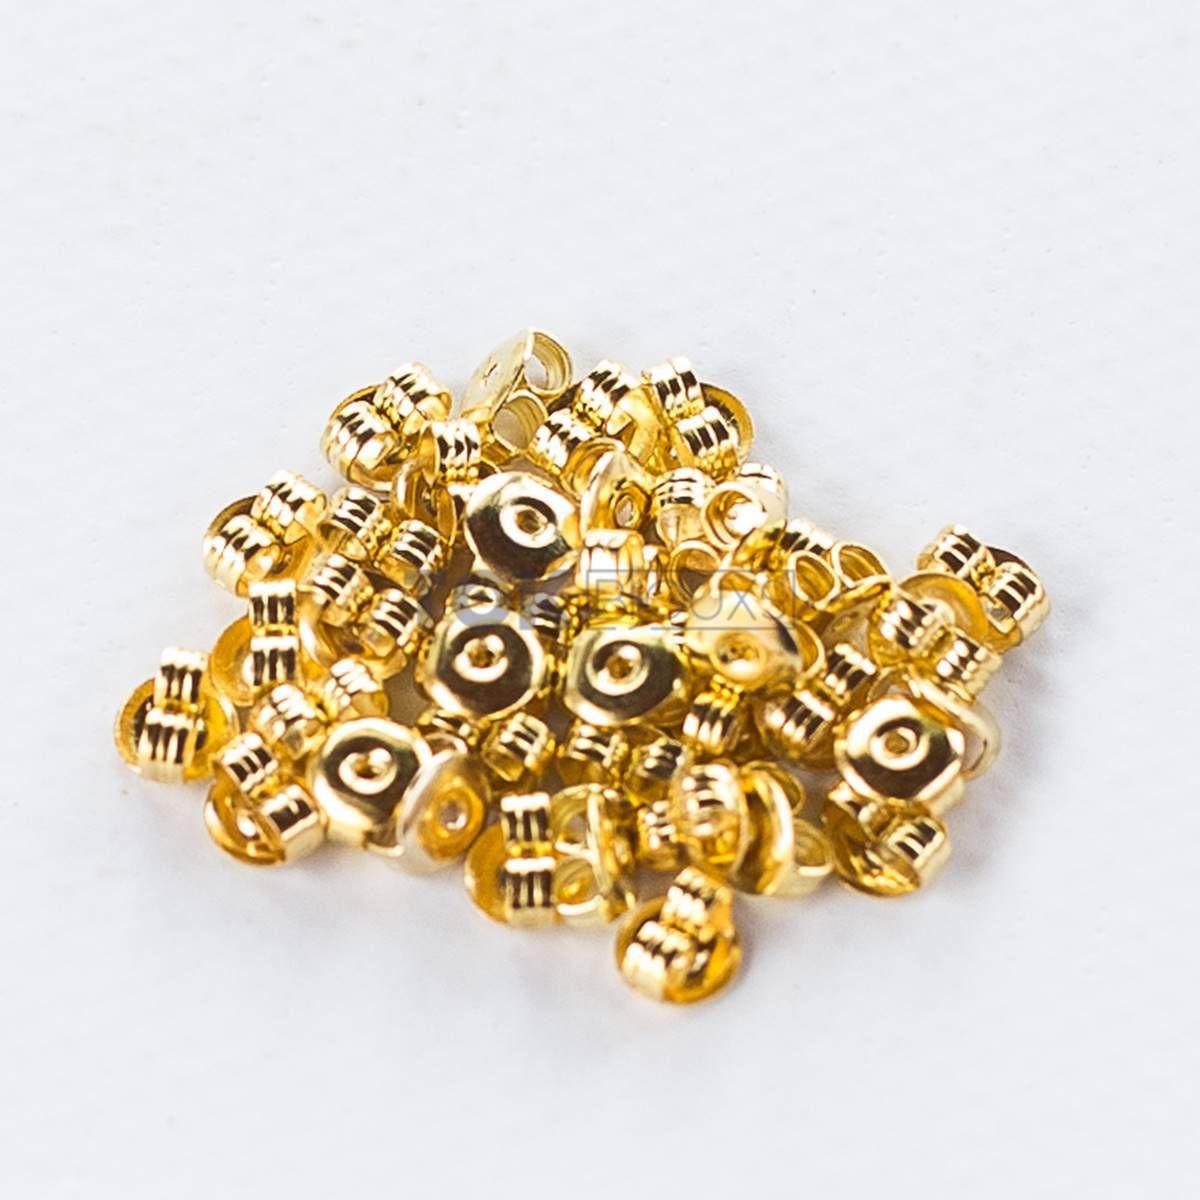 Tarracha Brinco Borboleta - Dourado - 40 unid